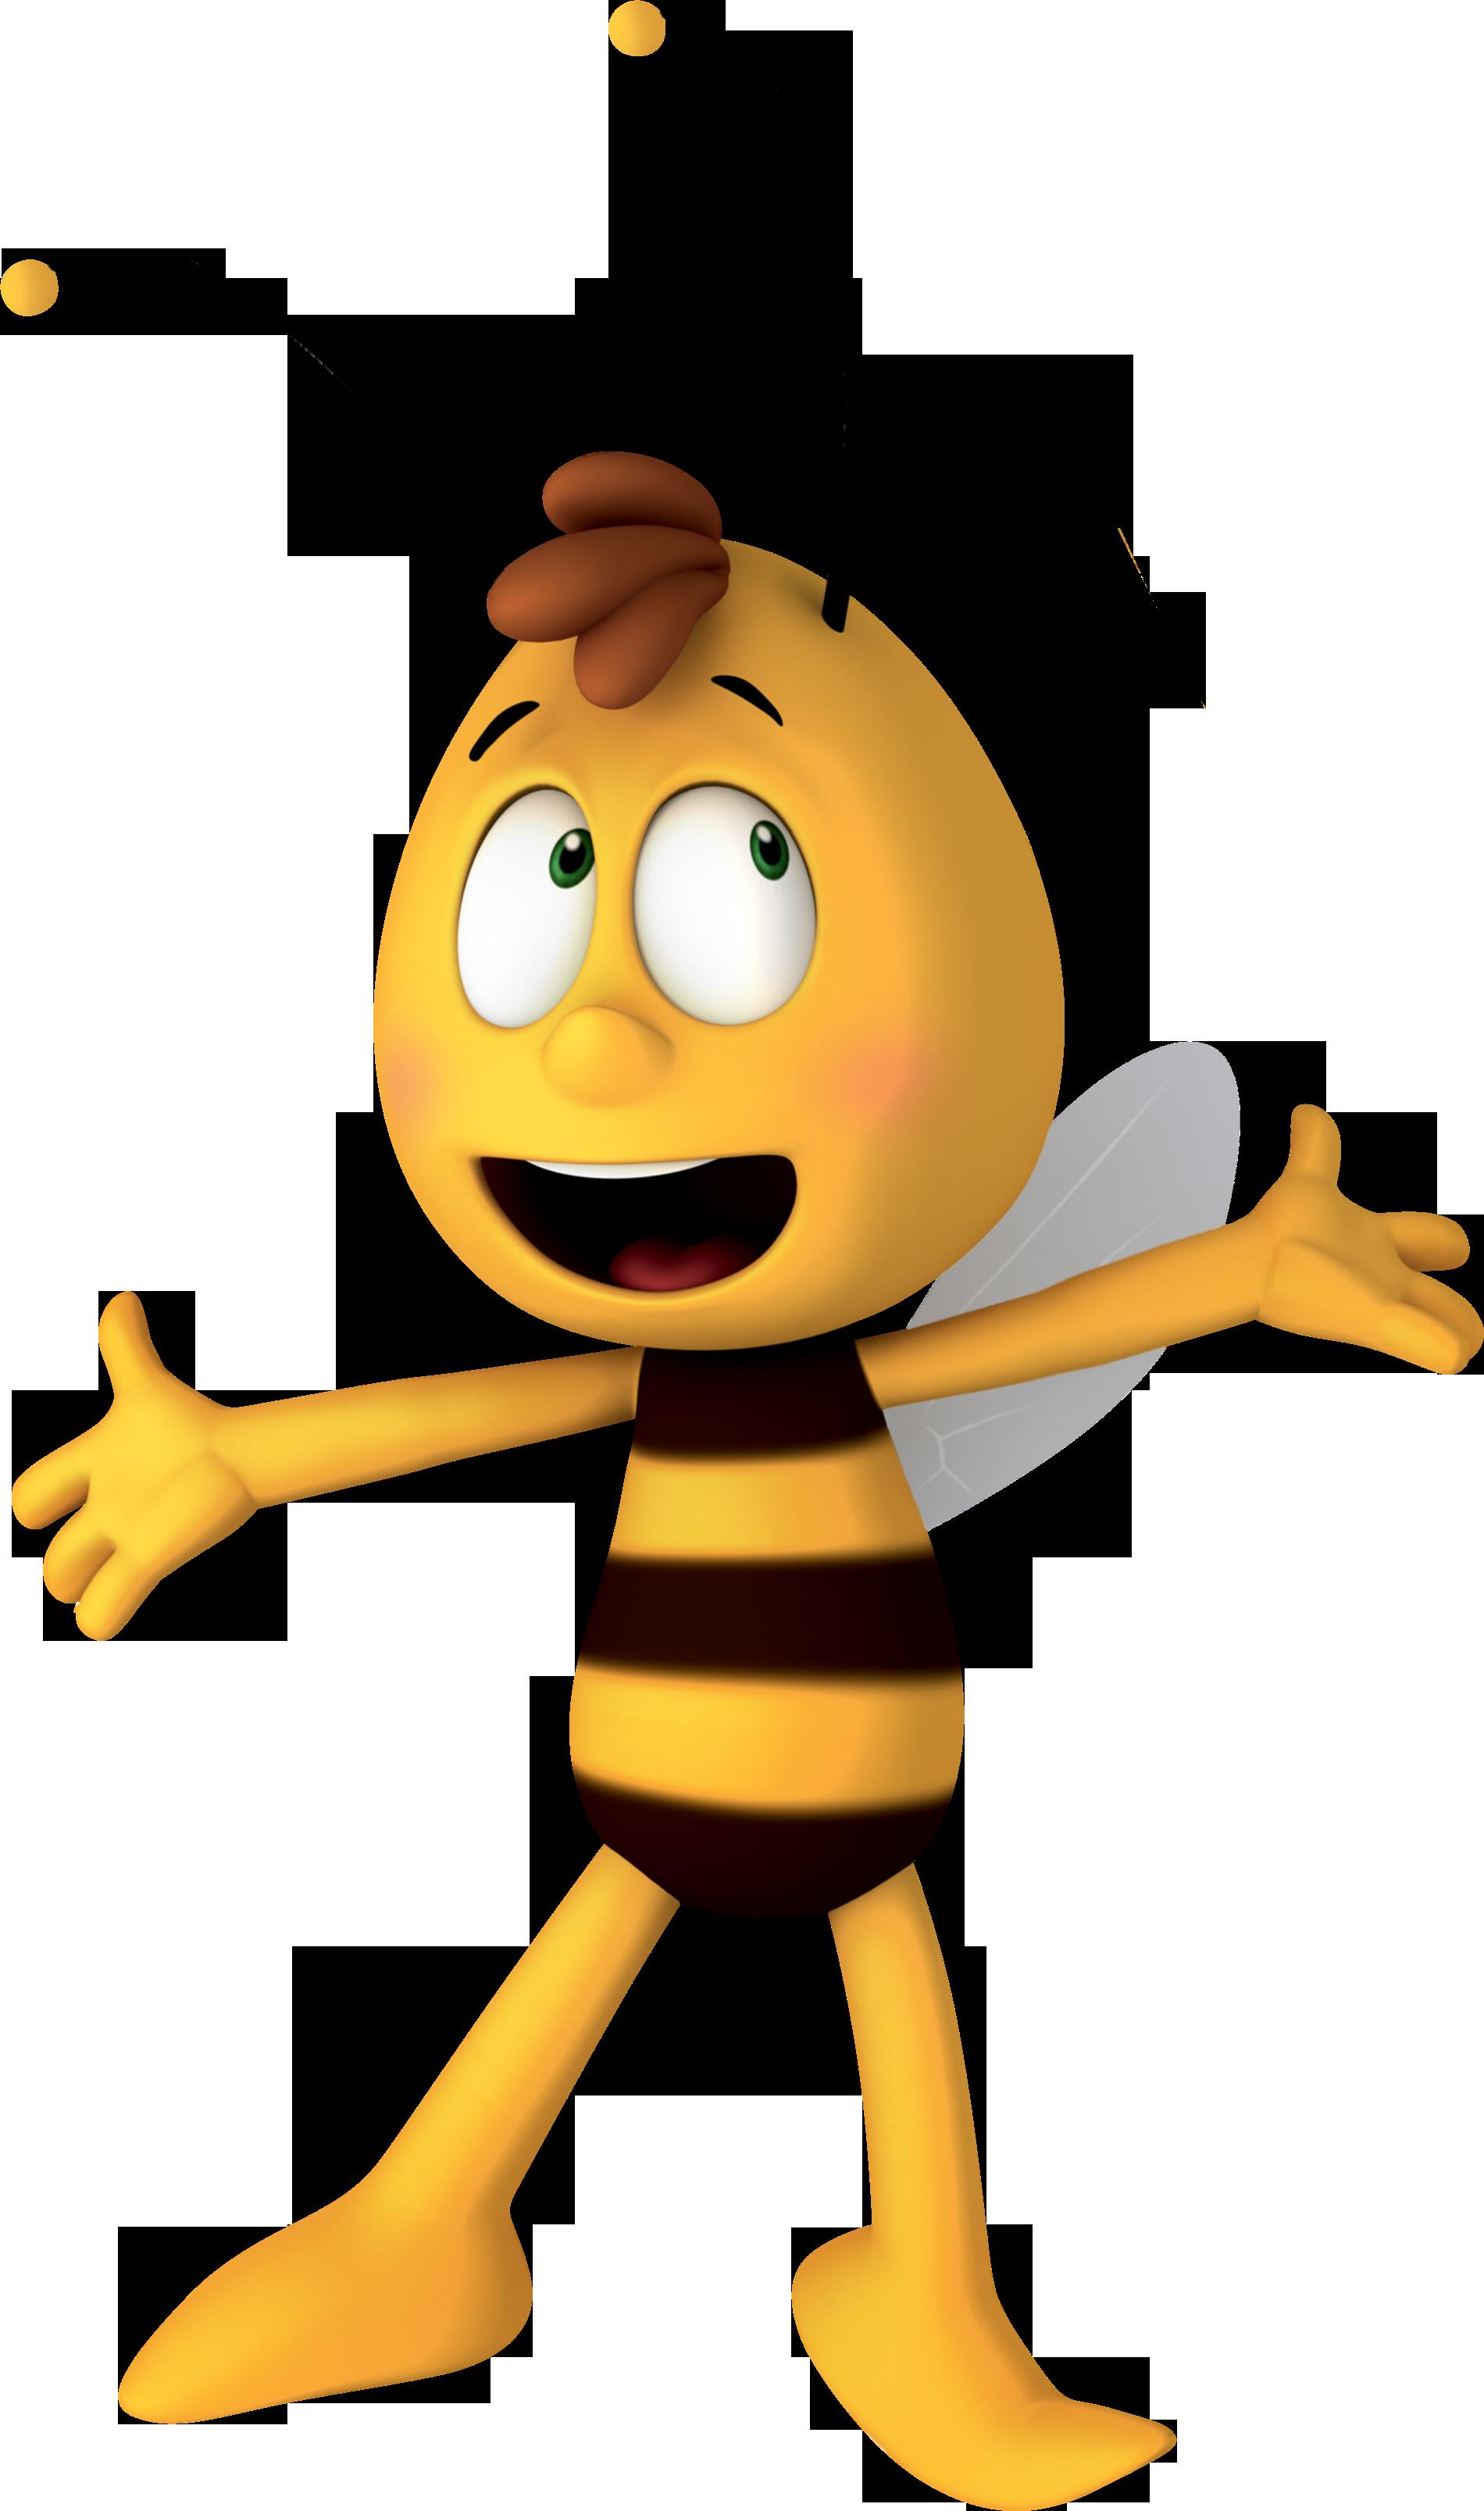 Пчелка майя картинки хорошего качества, котятами новый